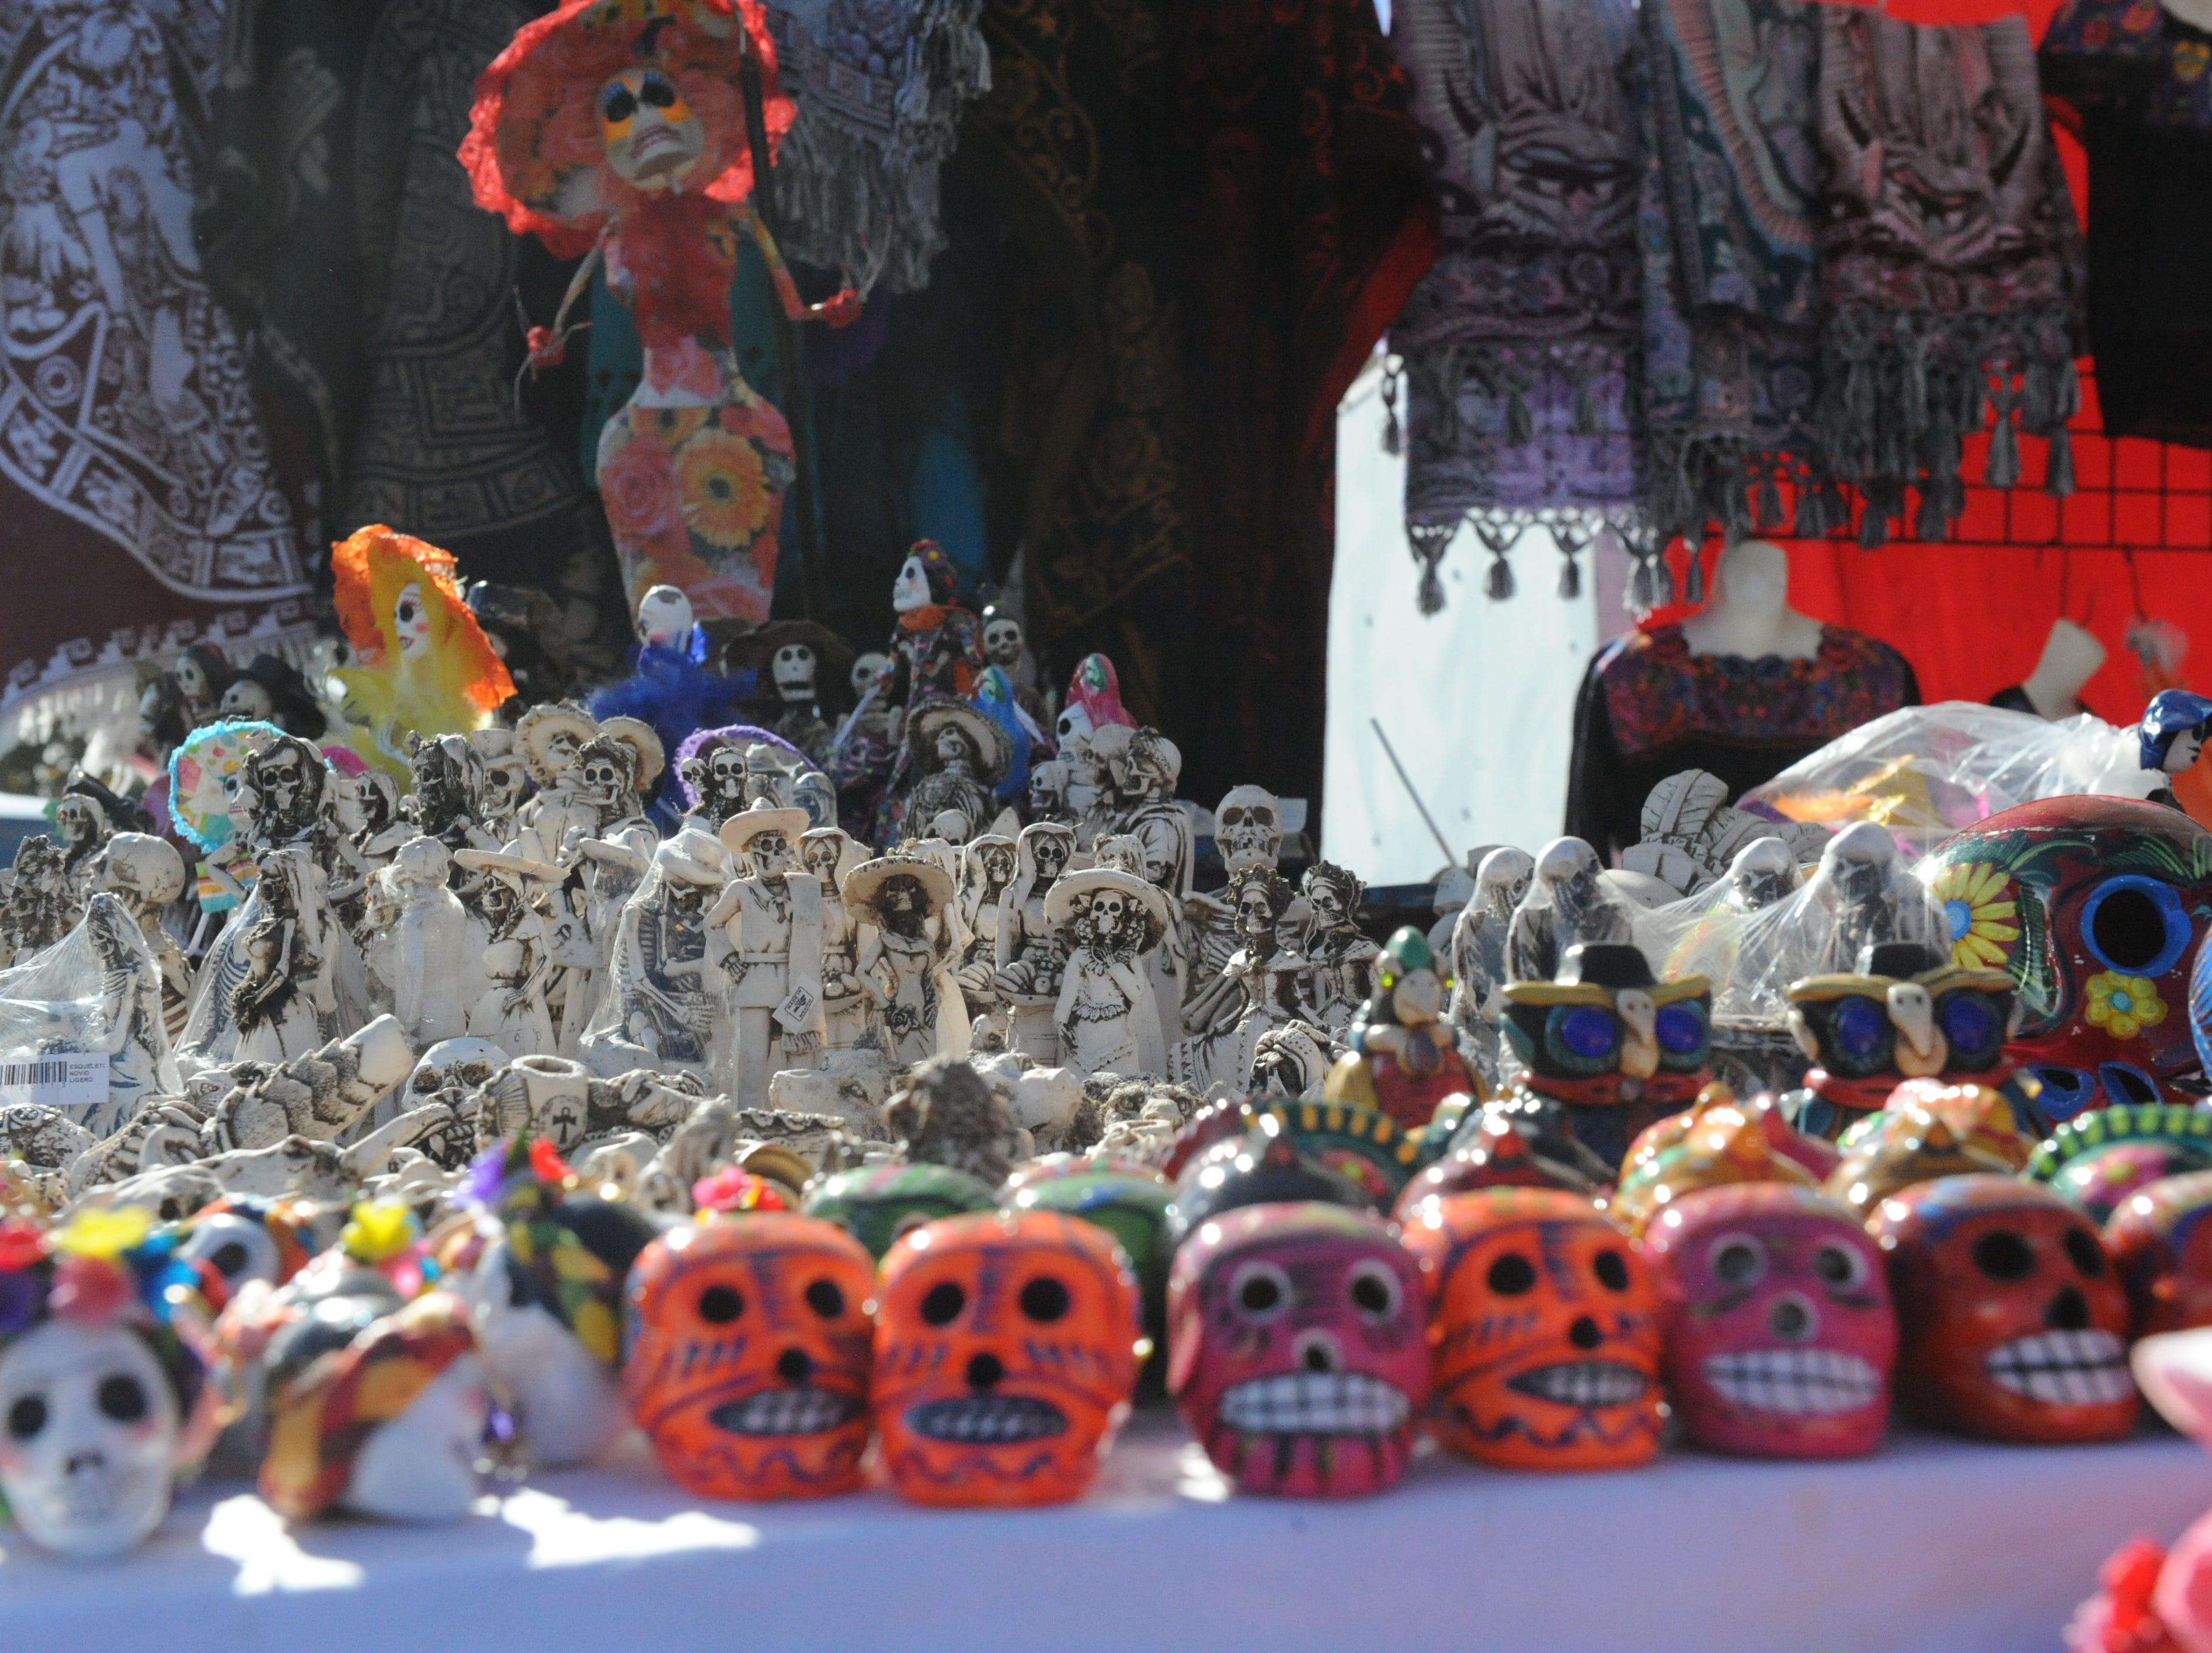 Skeleton decorations for sale by Curios Oaxaca of Bakersfield at Sunday's Día de los Muertos celebration in Salinas.